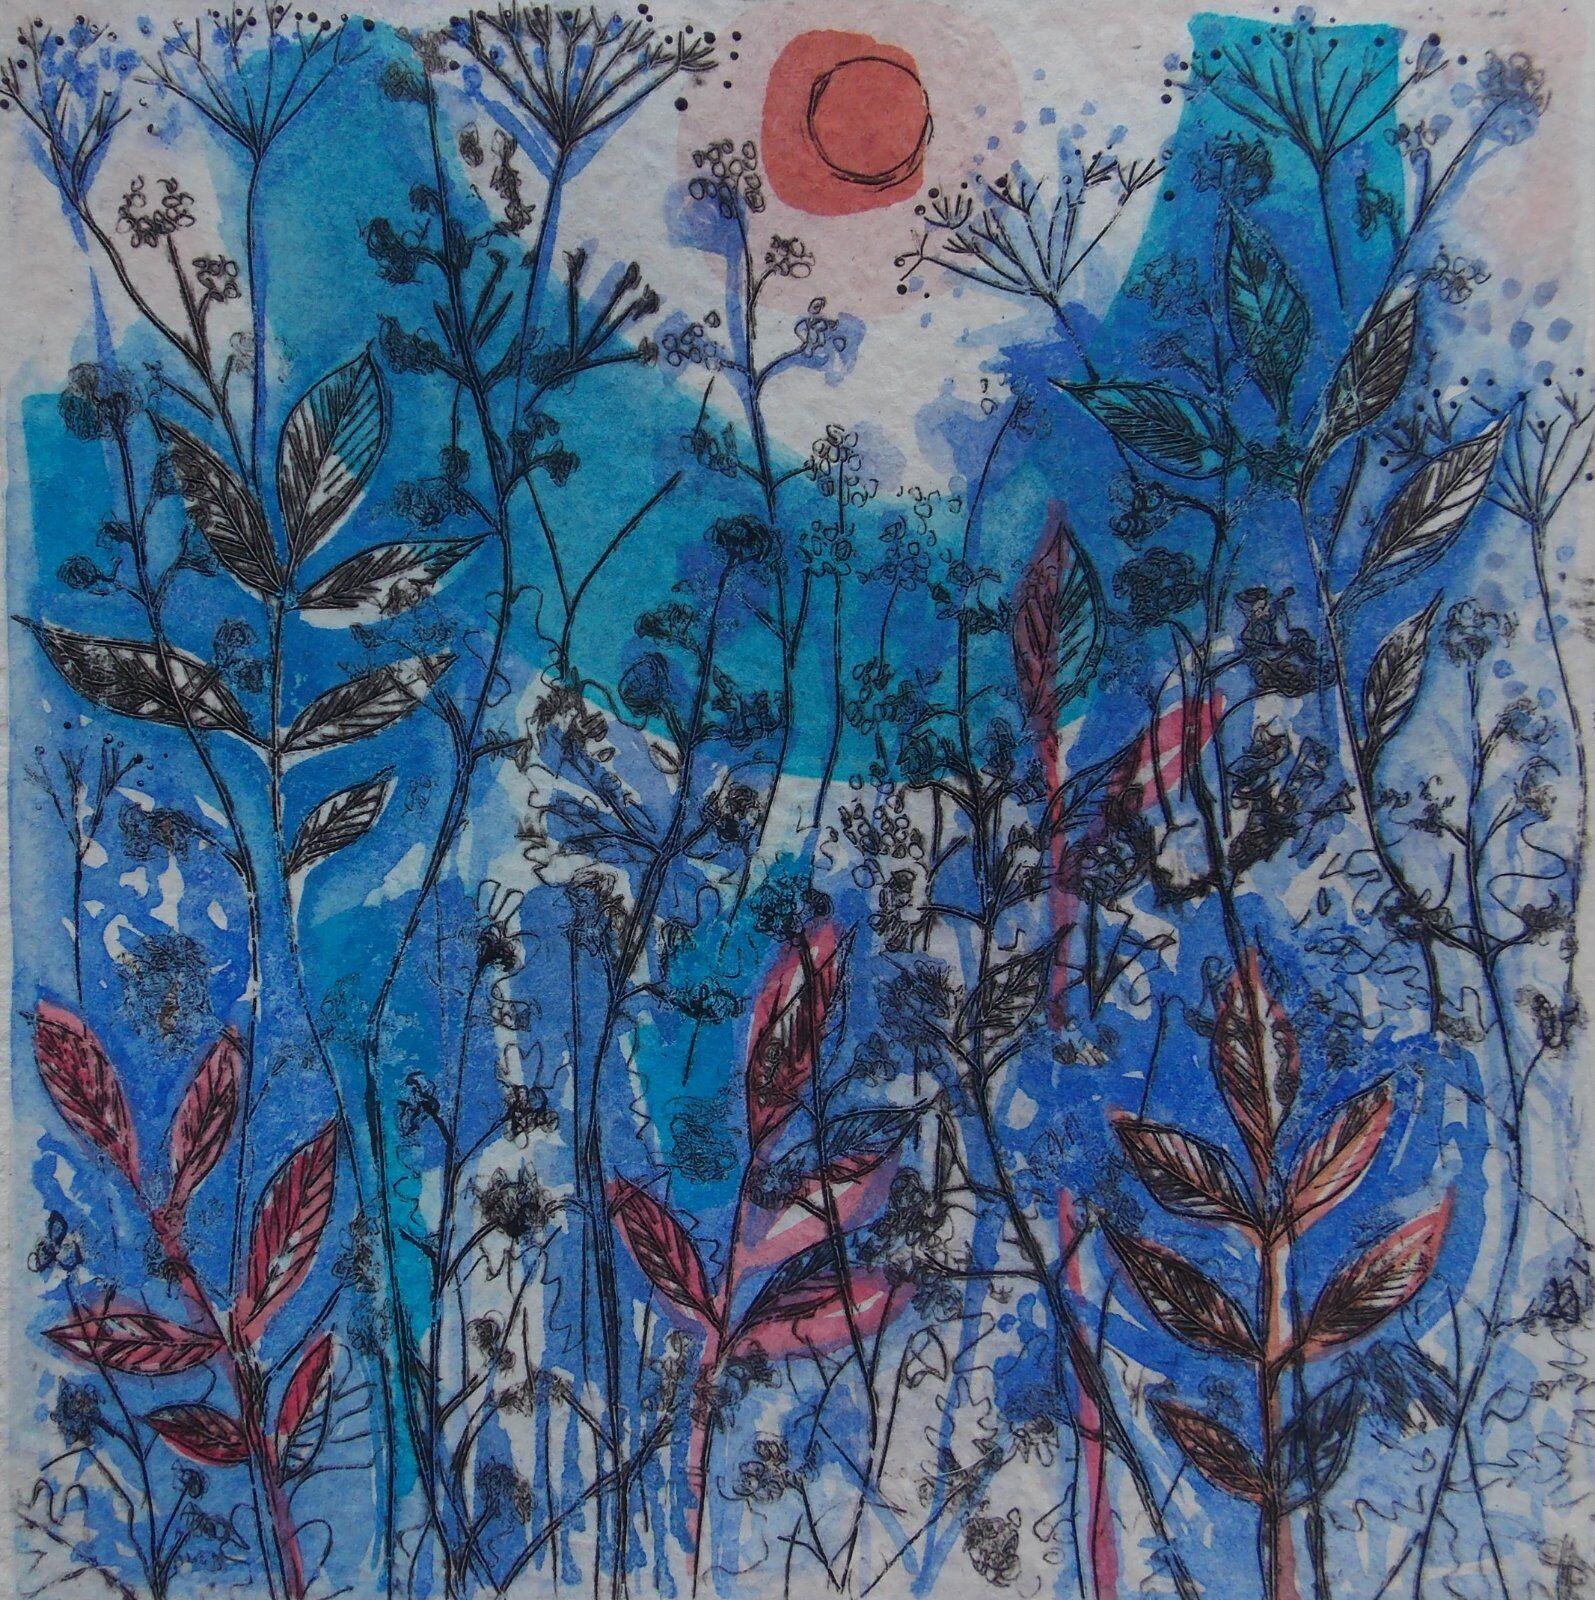 Blue Hedgerow